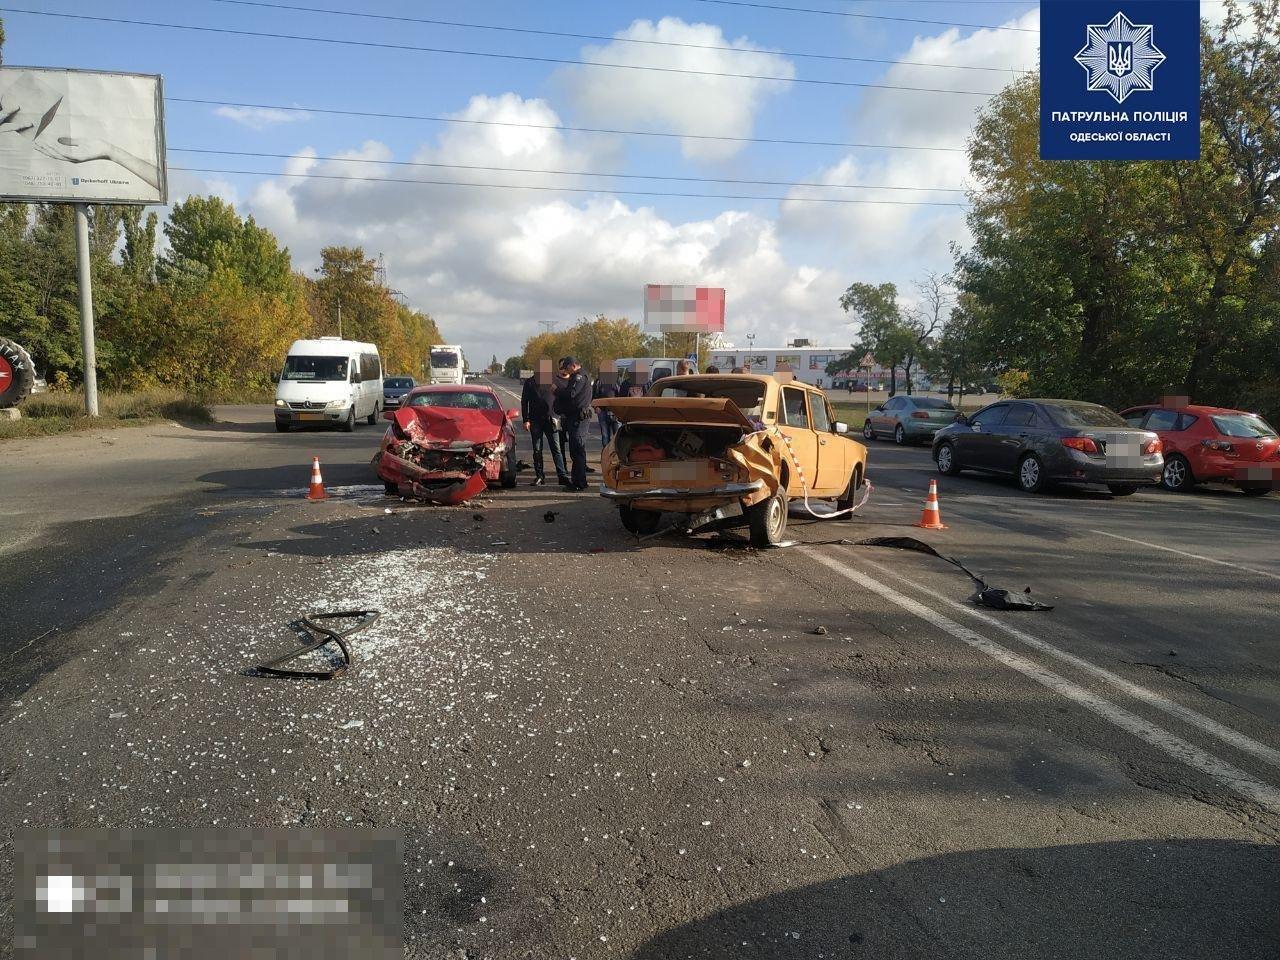 Под Одессой столкнулись Mazda и Жигули, есть пострадавшие, - ФОТО, фото-1